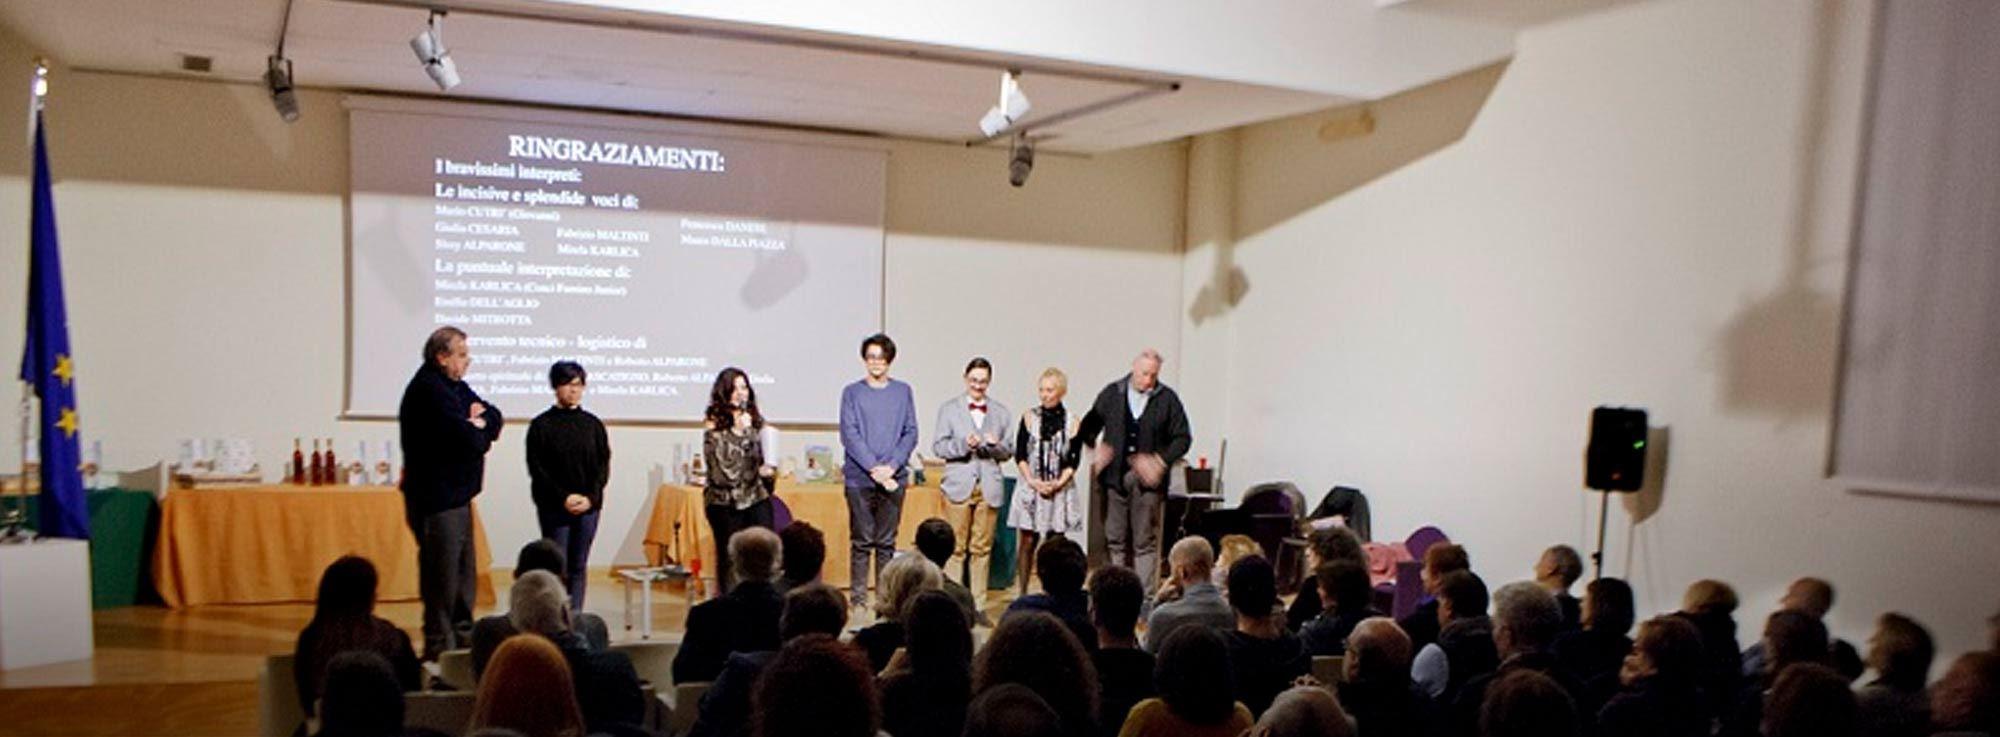 Brindisi: Imago - conferenza